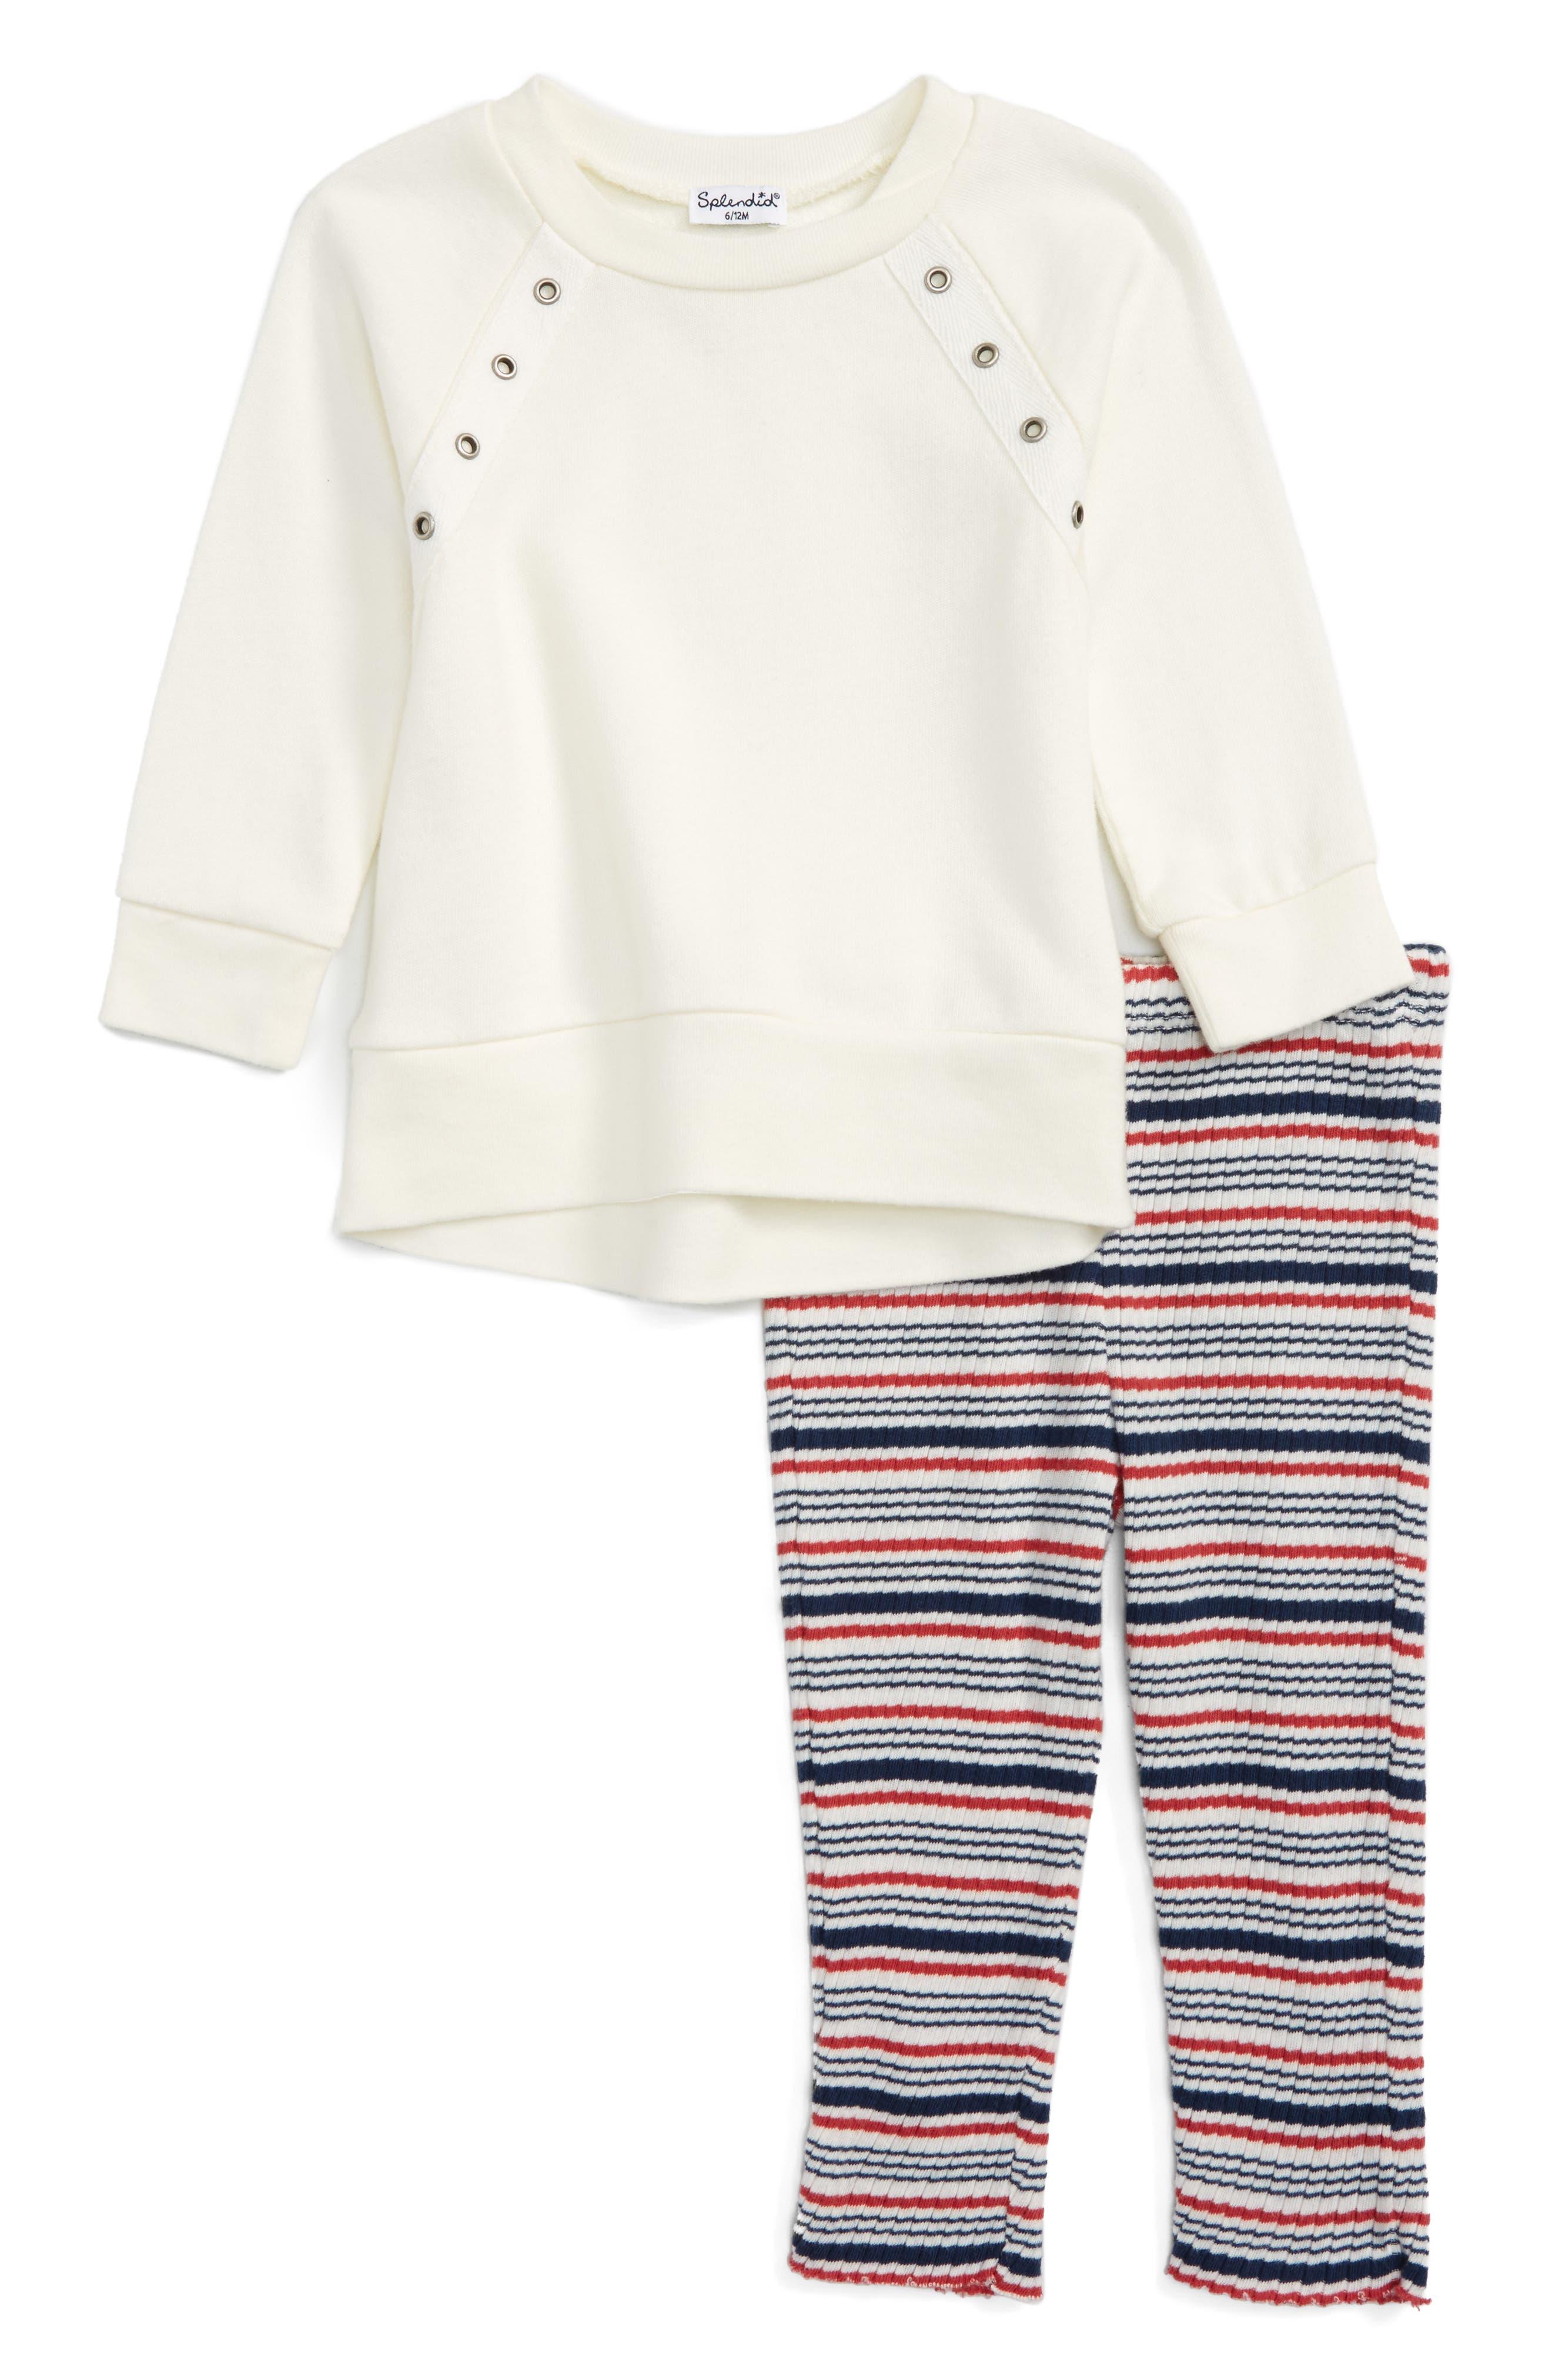 Splendid Sweatshirt & Stripe Leggings Set (Toddler Girls & Little Girls)